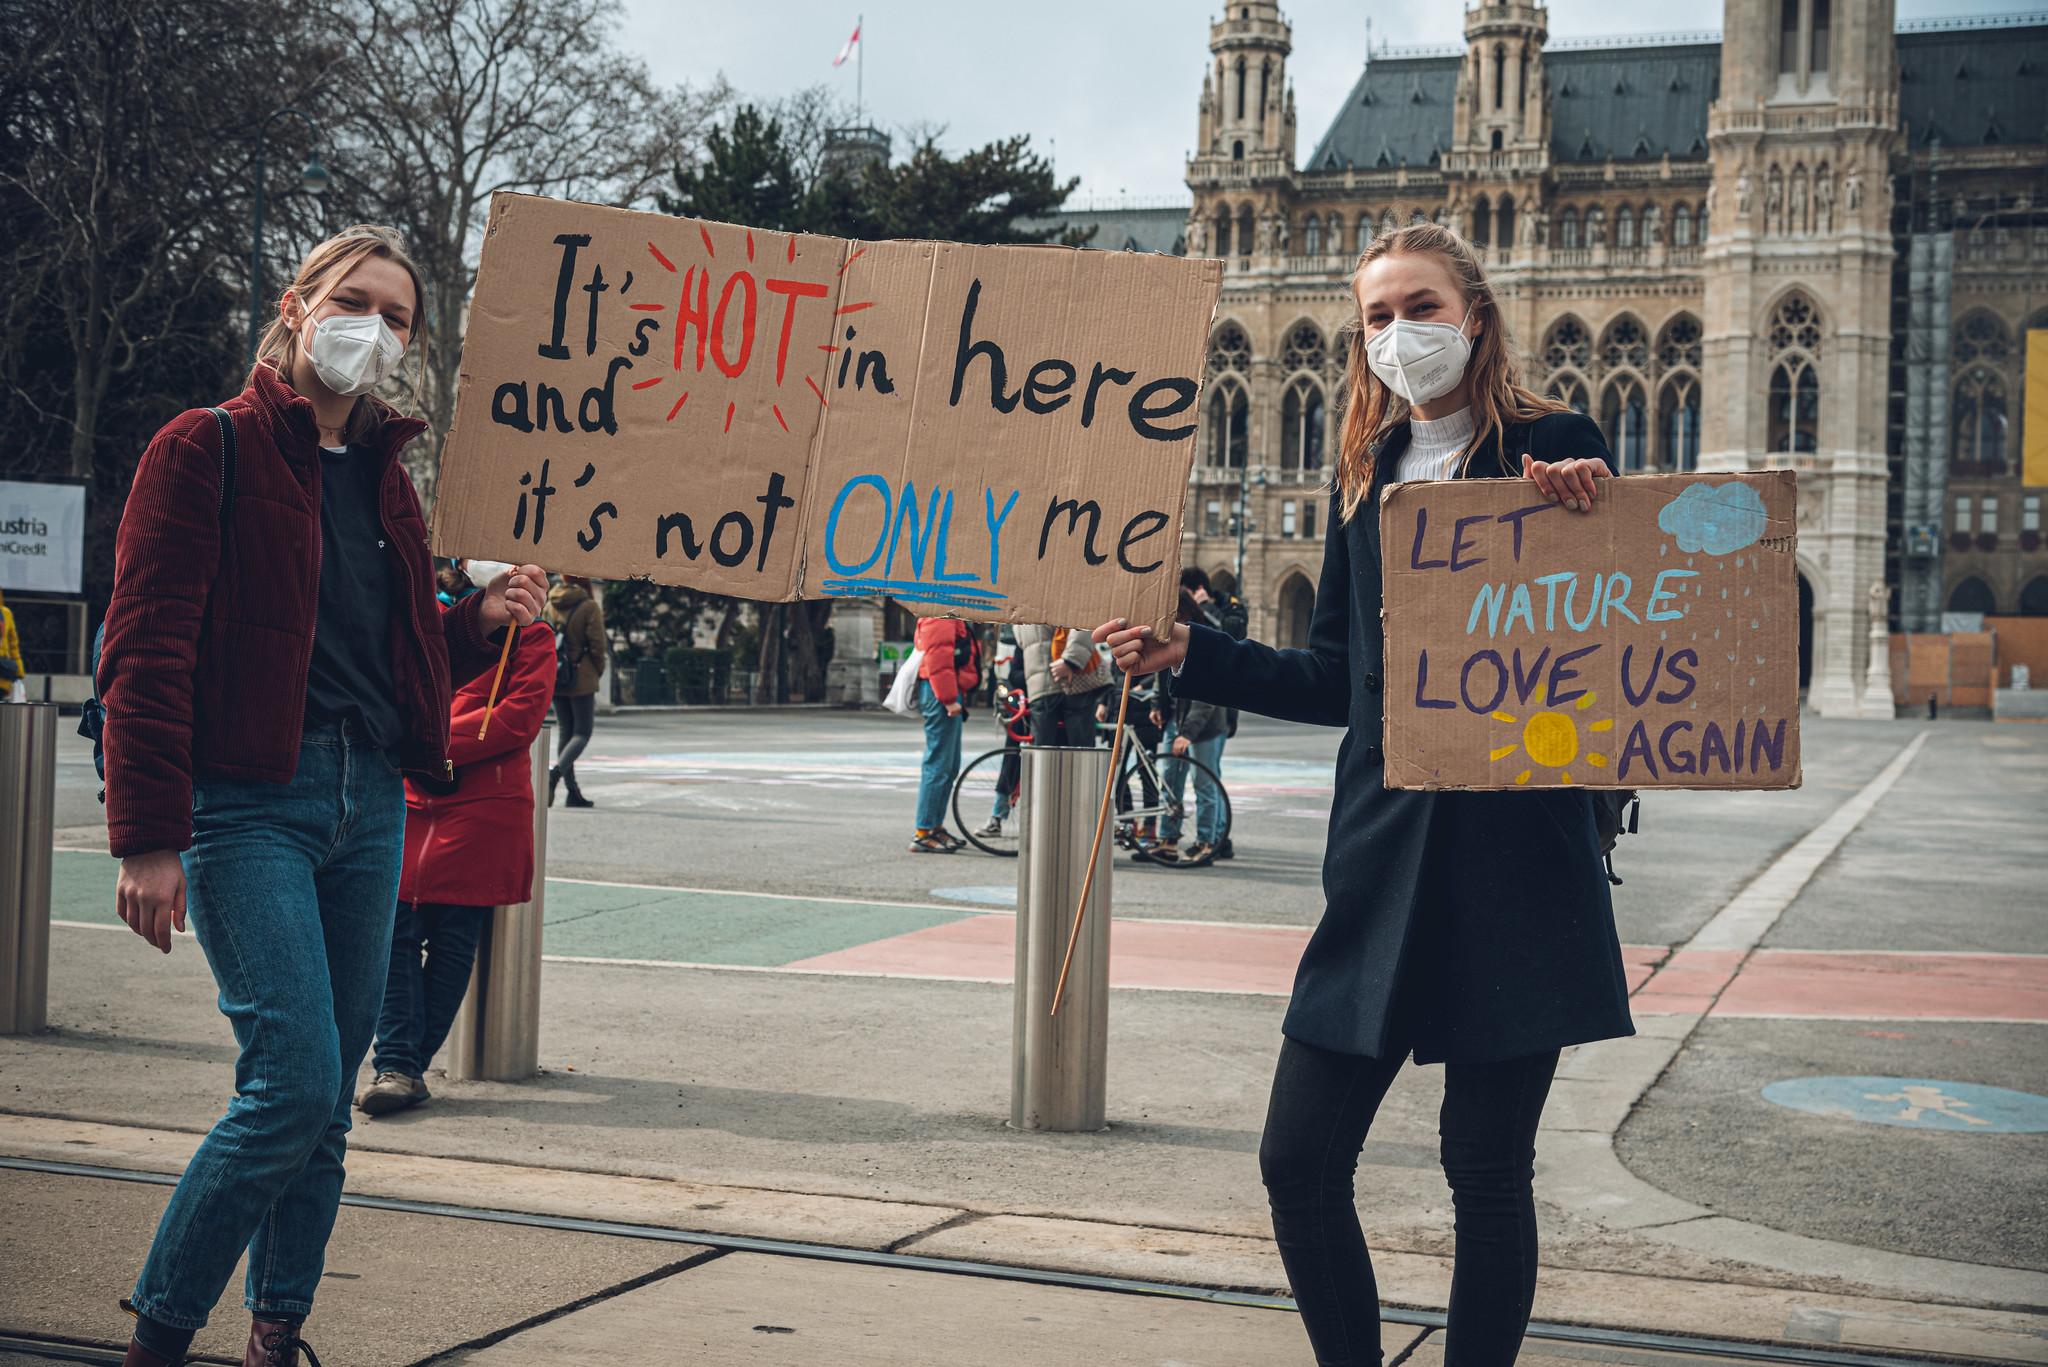 Zwei junge Frauen heben Streikschilder mit Klima-Sprüchen in die Höhe und stehen dabei auf der autofreien Ringfahrbahn in Wien